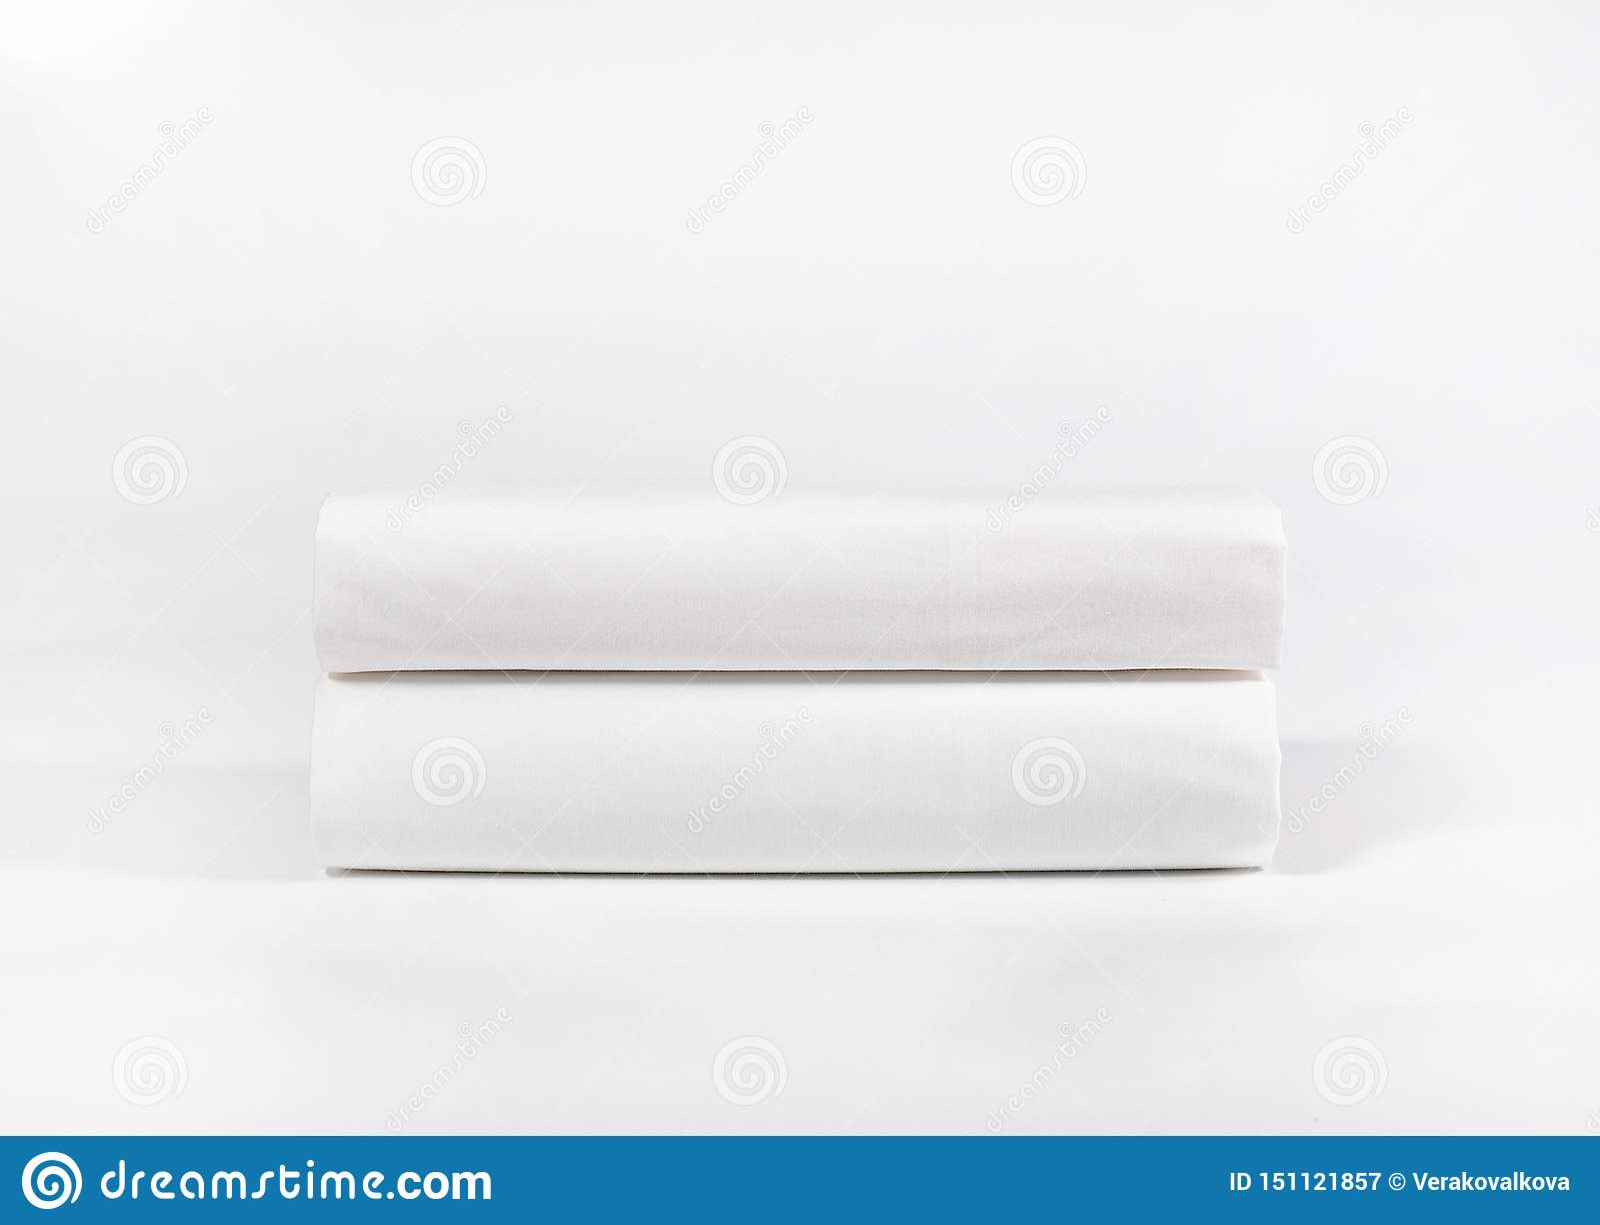 Stapel witte handdoeken of kuuroordbladen tegen witte achtergrond